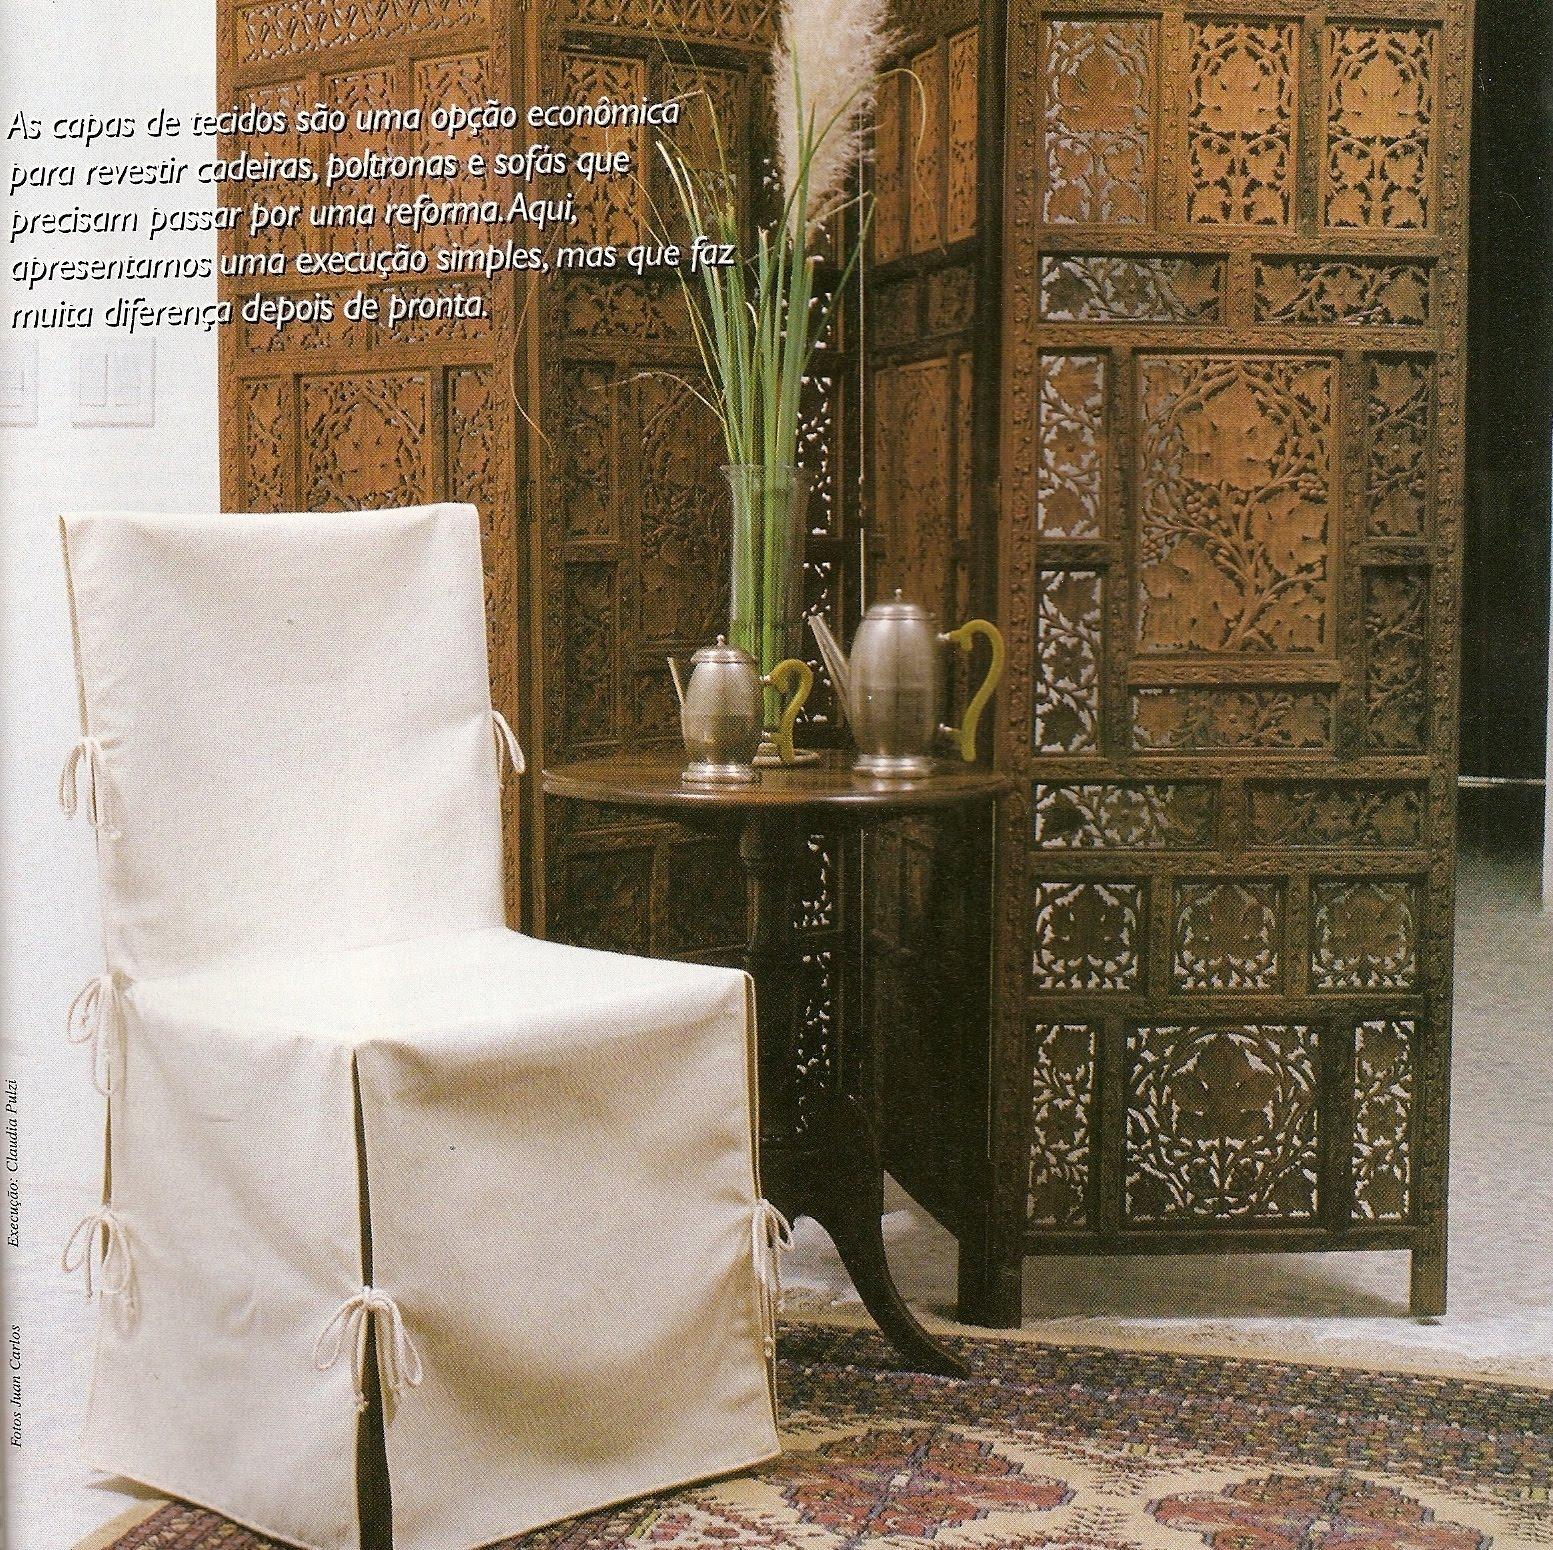 Como fazer você mesmo: Como fazer capas de tecido para suas cadeiras #91663A 1553x1550